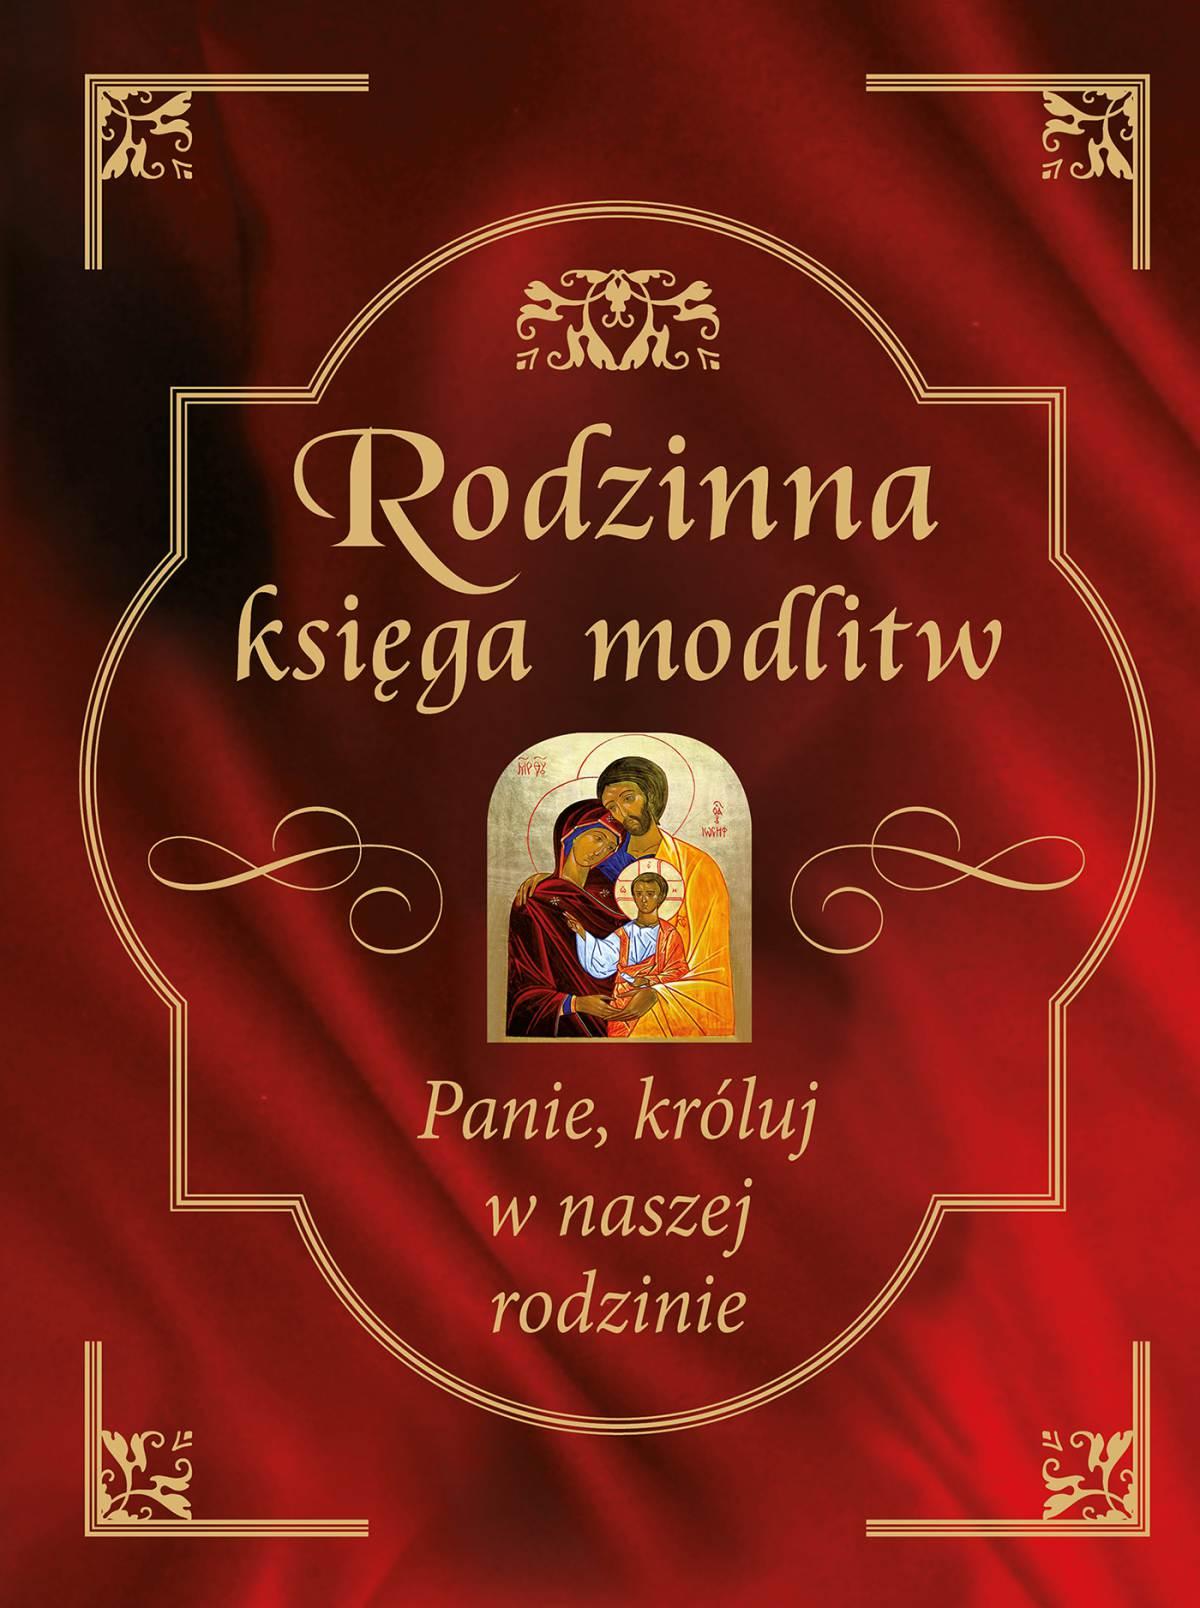 Rodzinna księga modlitw - Ebook (Książka PDF) do pobrania w formacie PDF